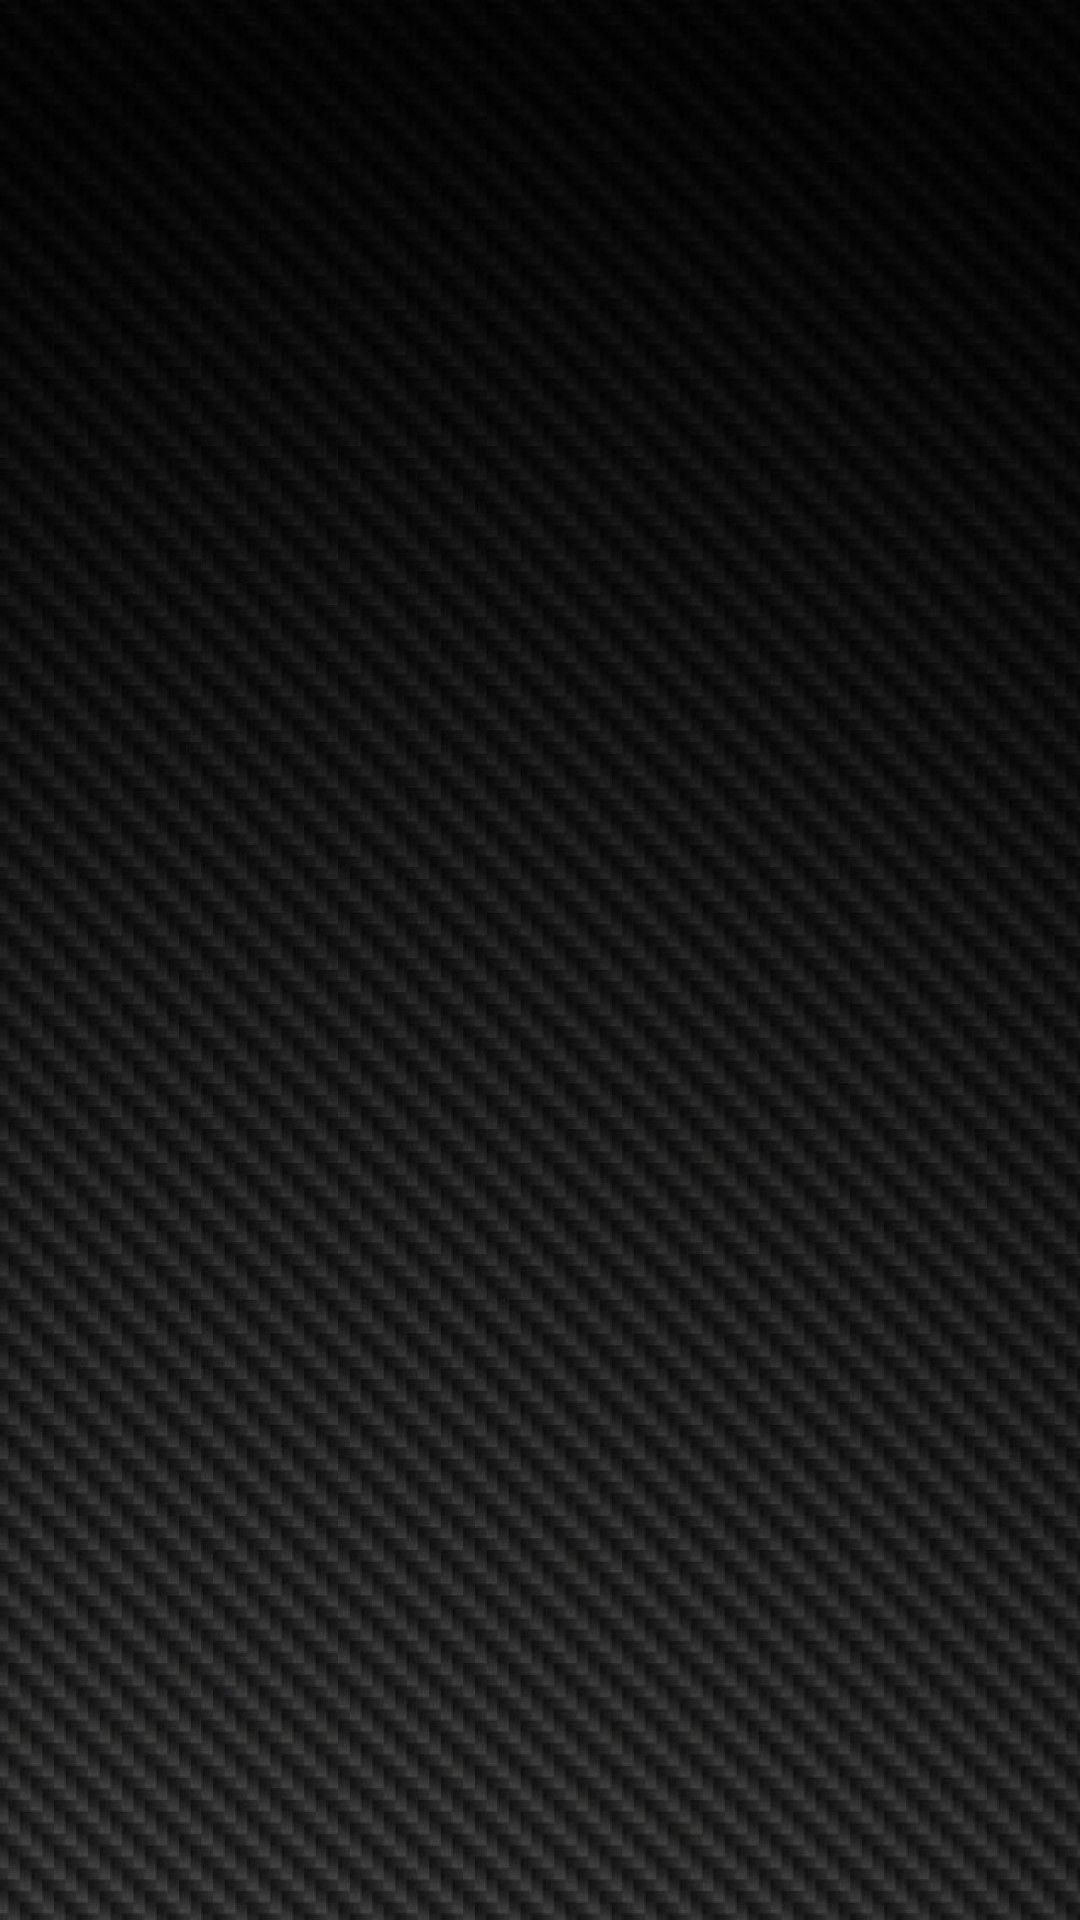 Carbon Fiber iPhone Wallpaper HD em 2020 Papeis de parede